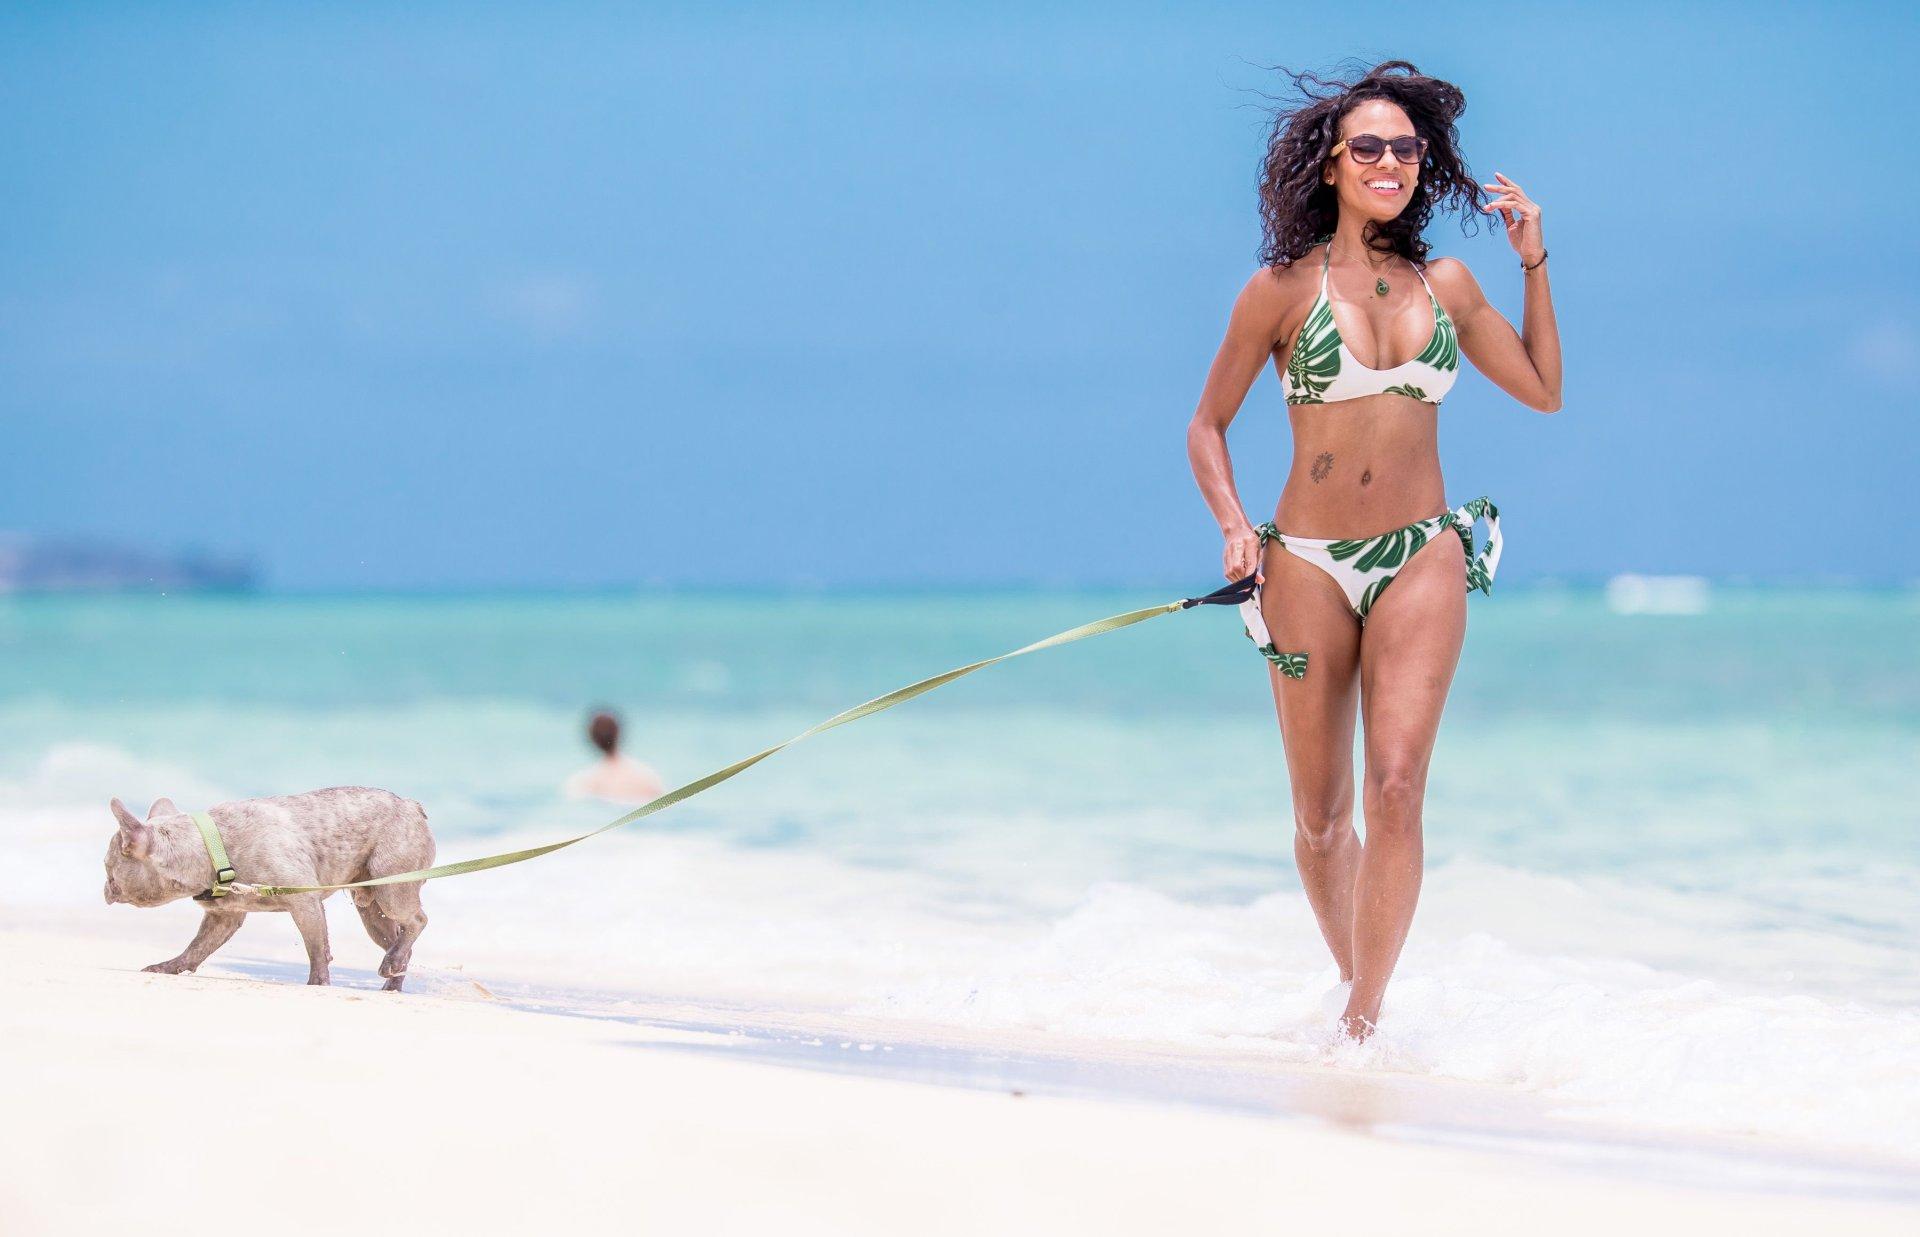 sling bikini thick nude wife